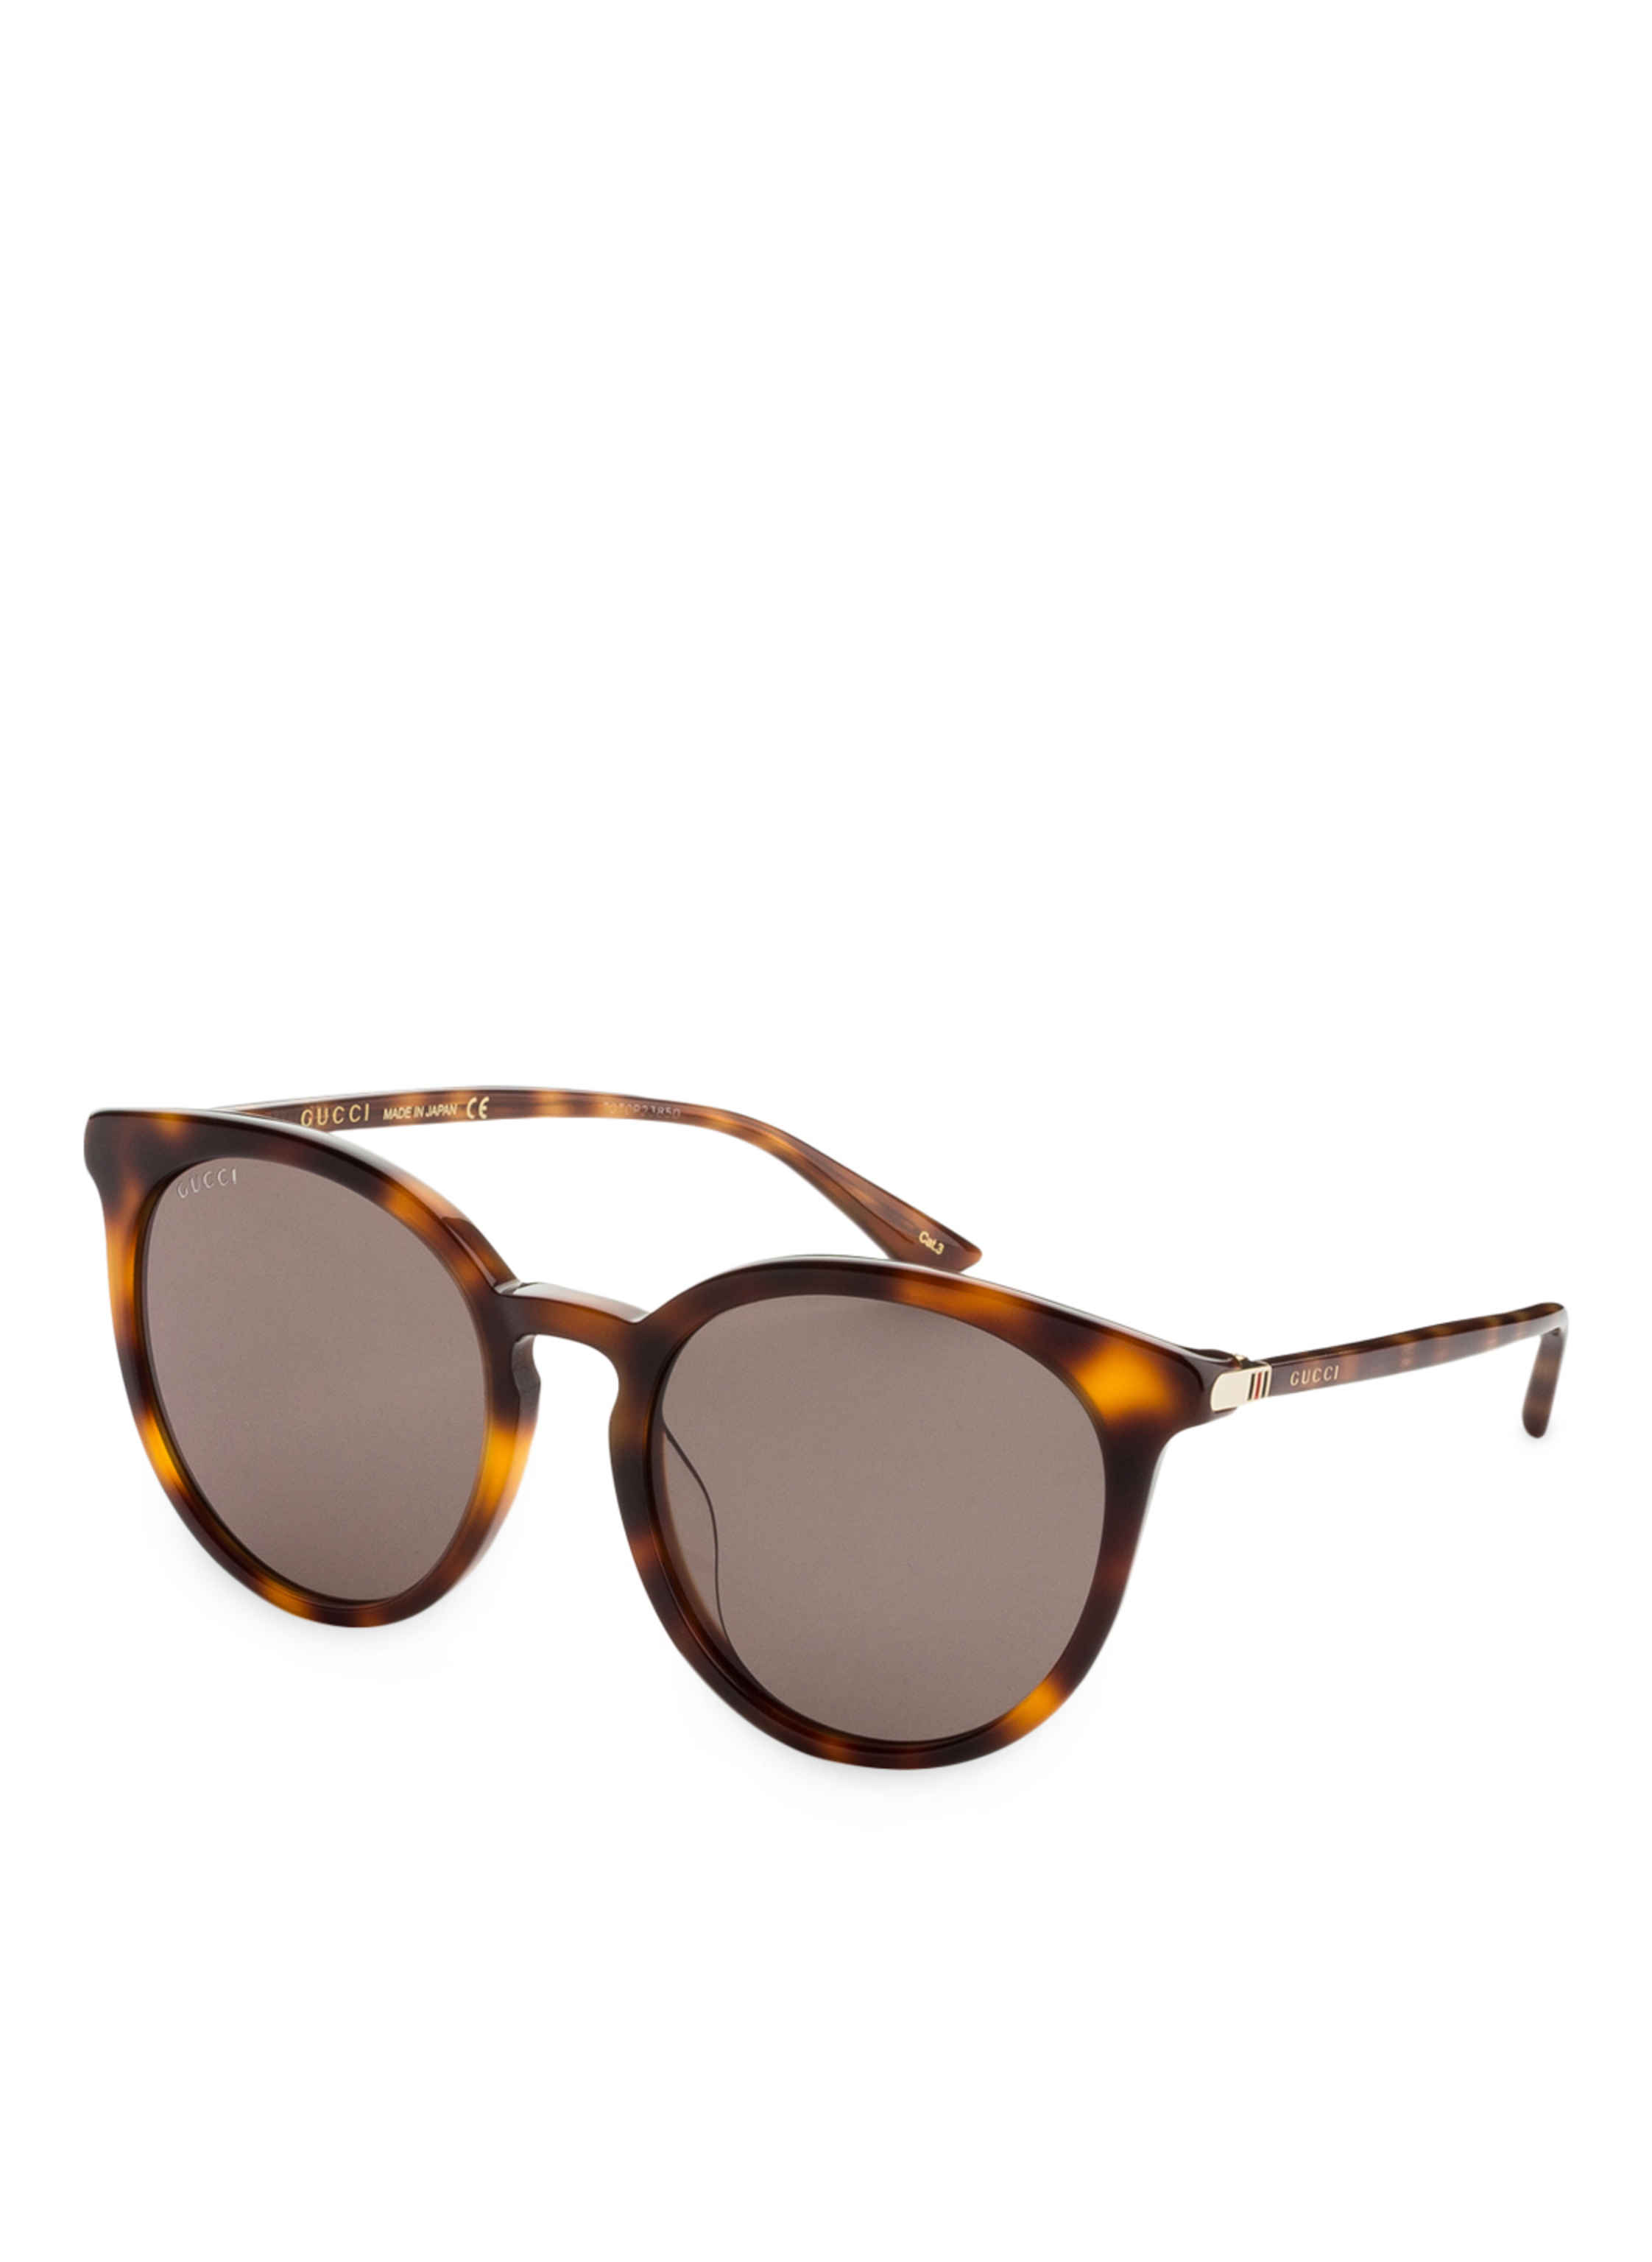 Sonnenbrille GG0064SK von GUCCI bei Breuninger kaufen